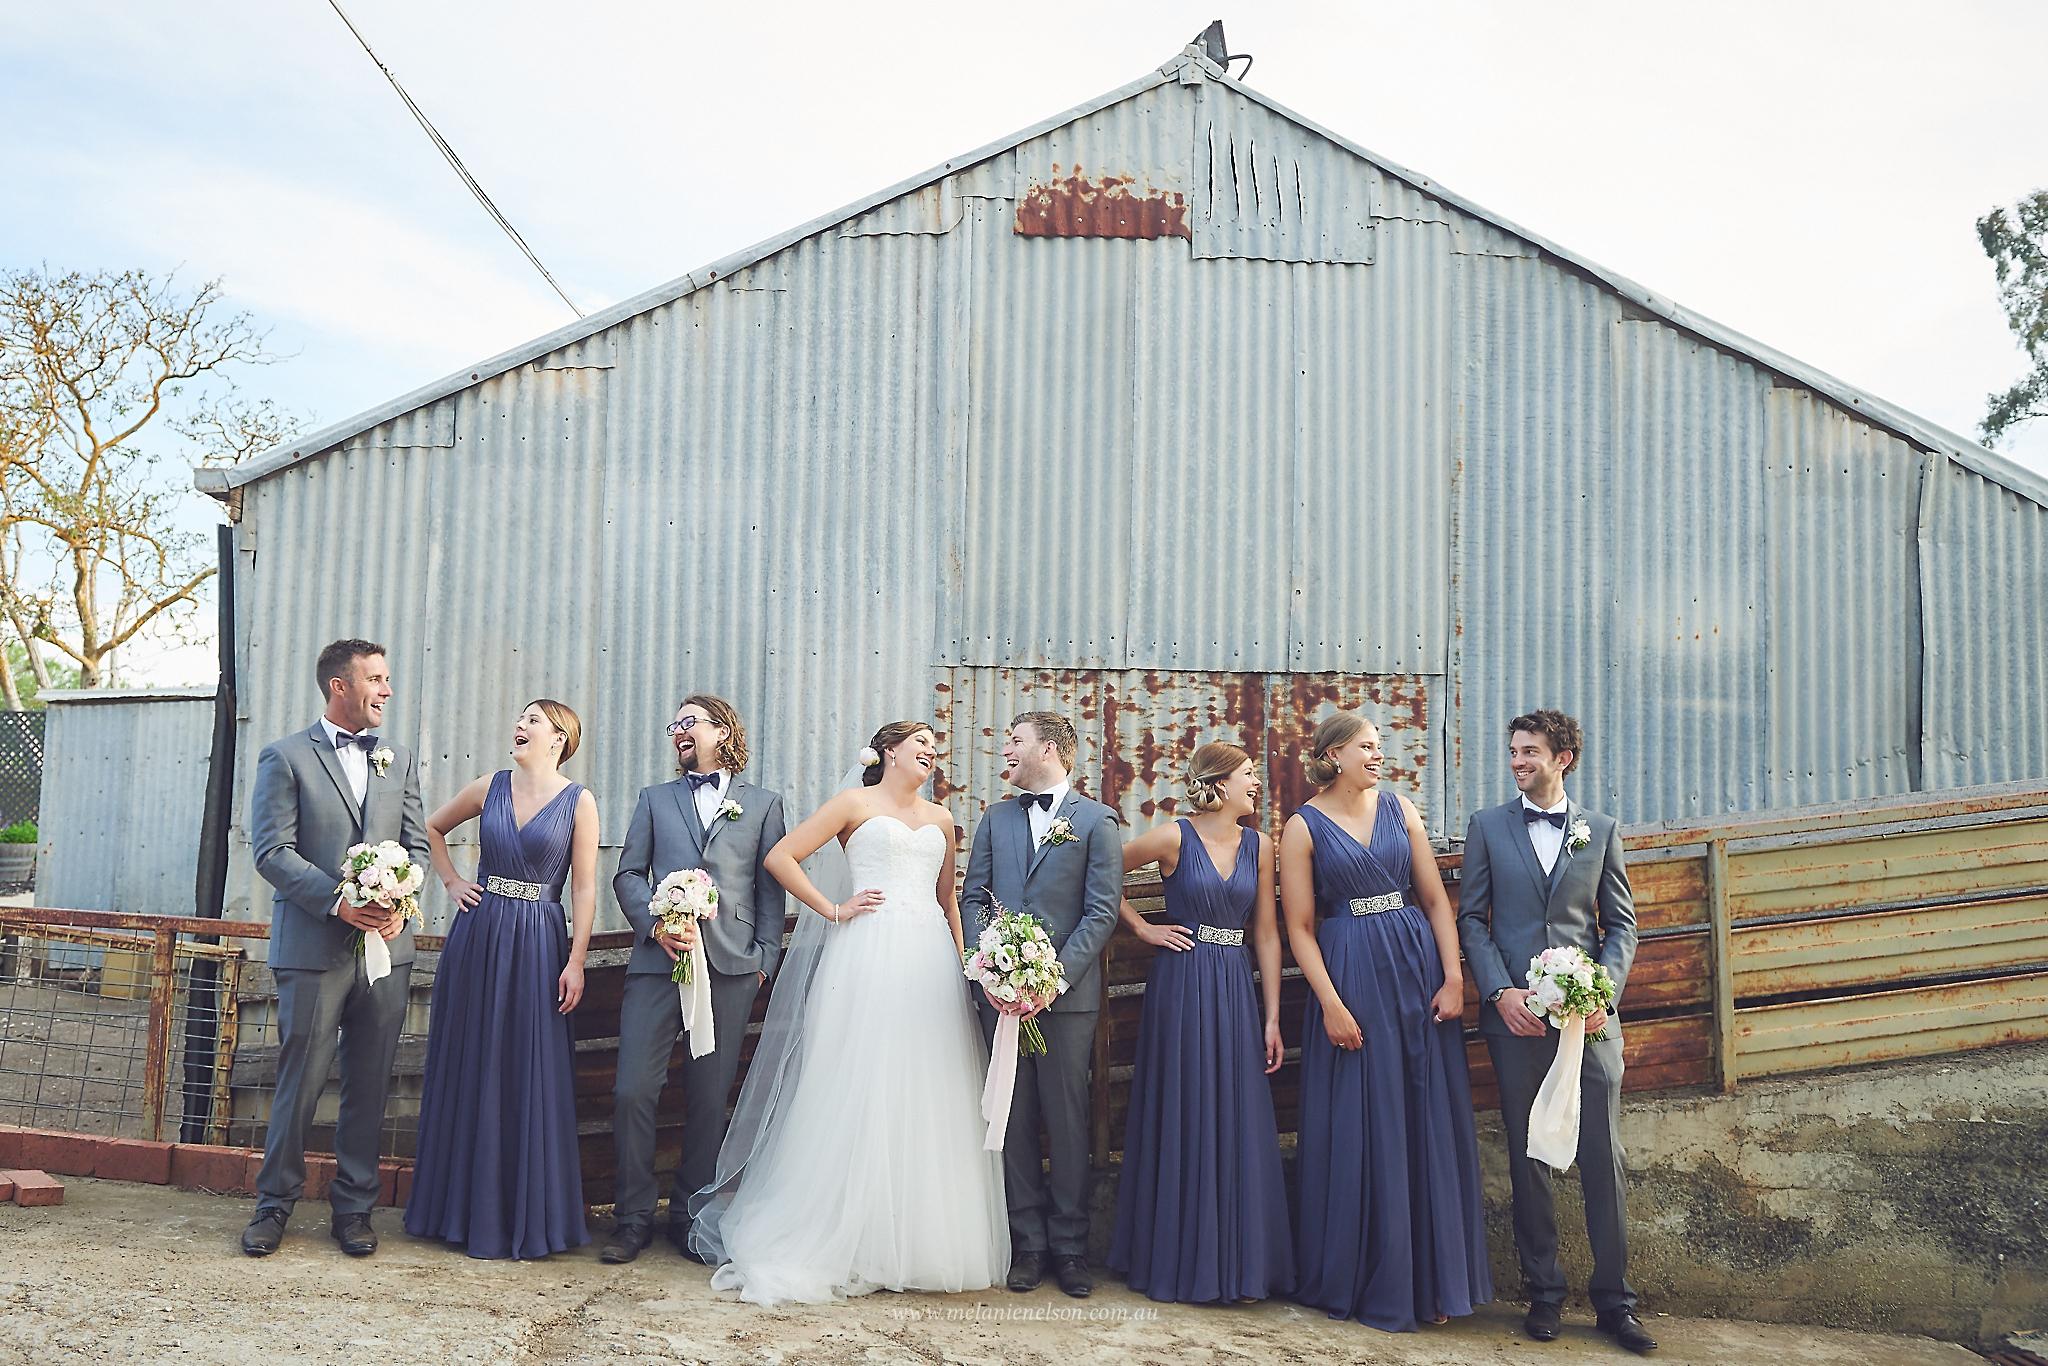 howards_vineyard_wedding_0017.jpg